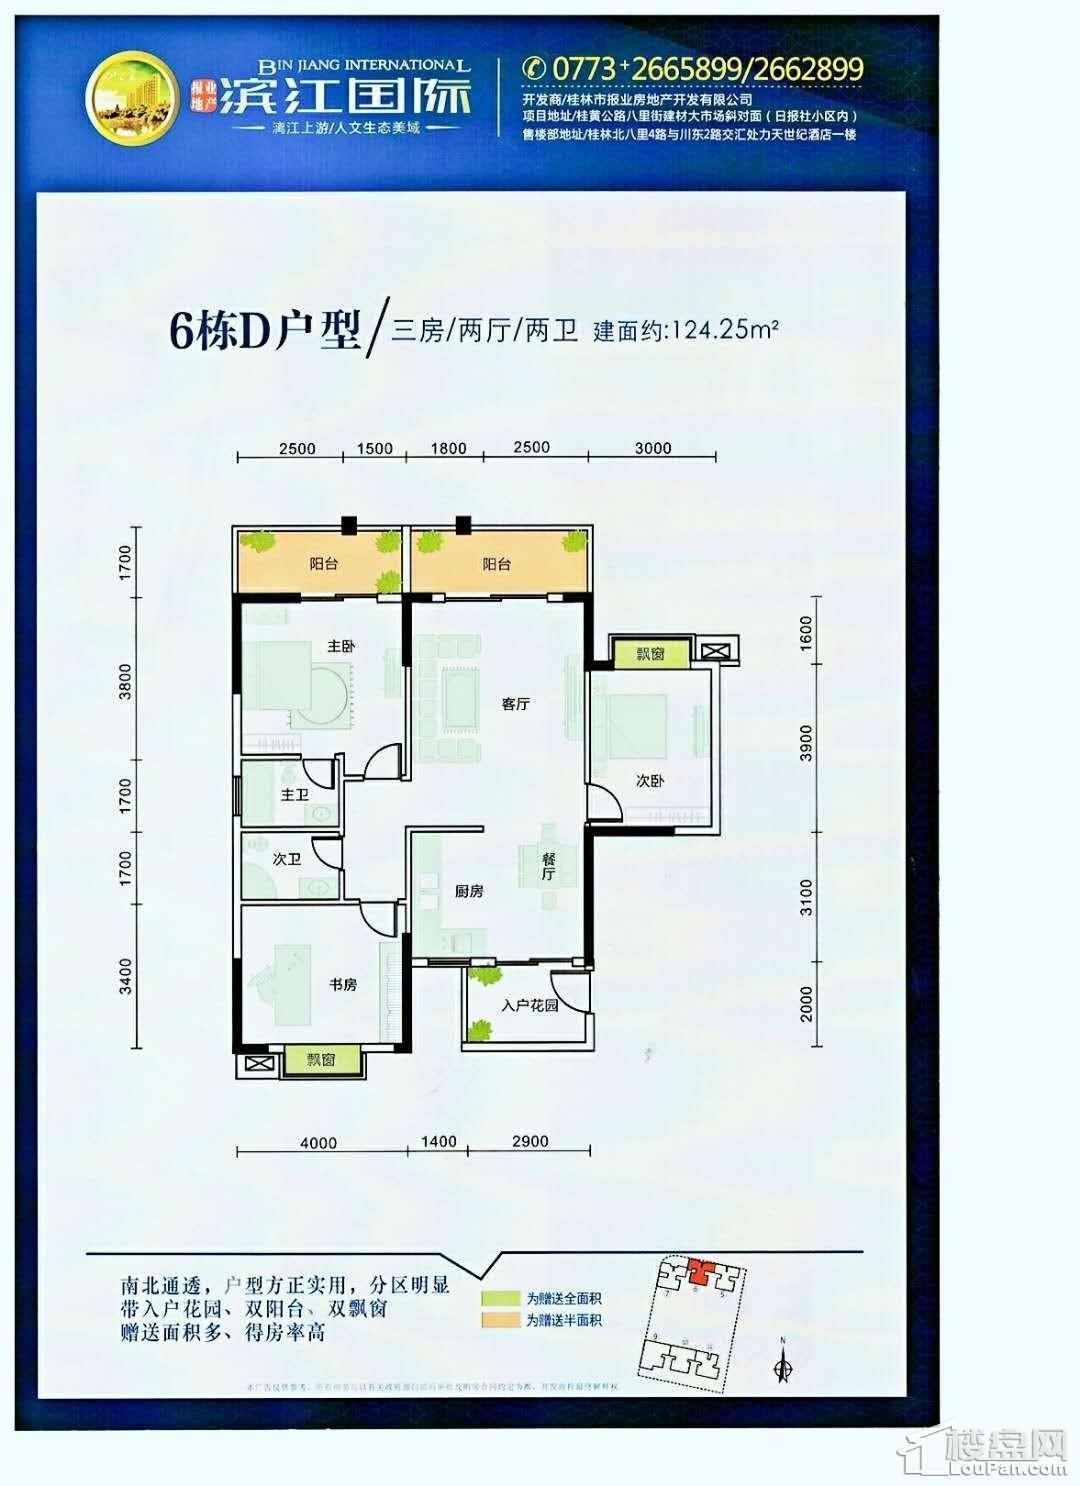 滨江国际桂林日报社小区 -6#D户型